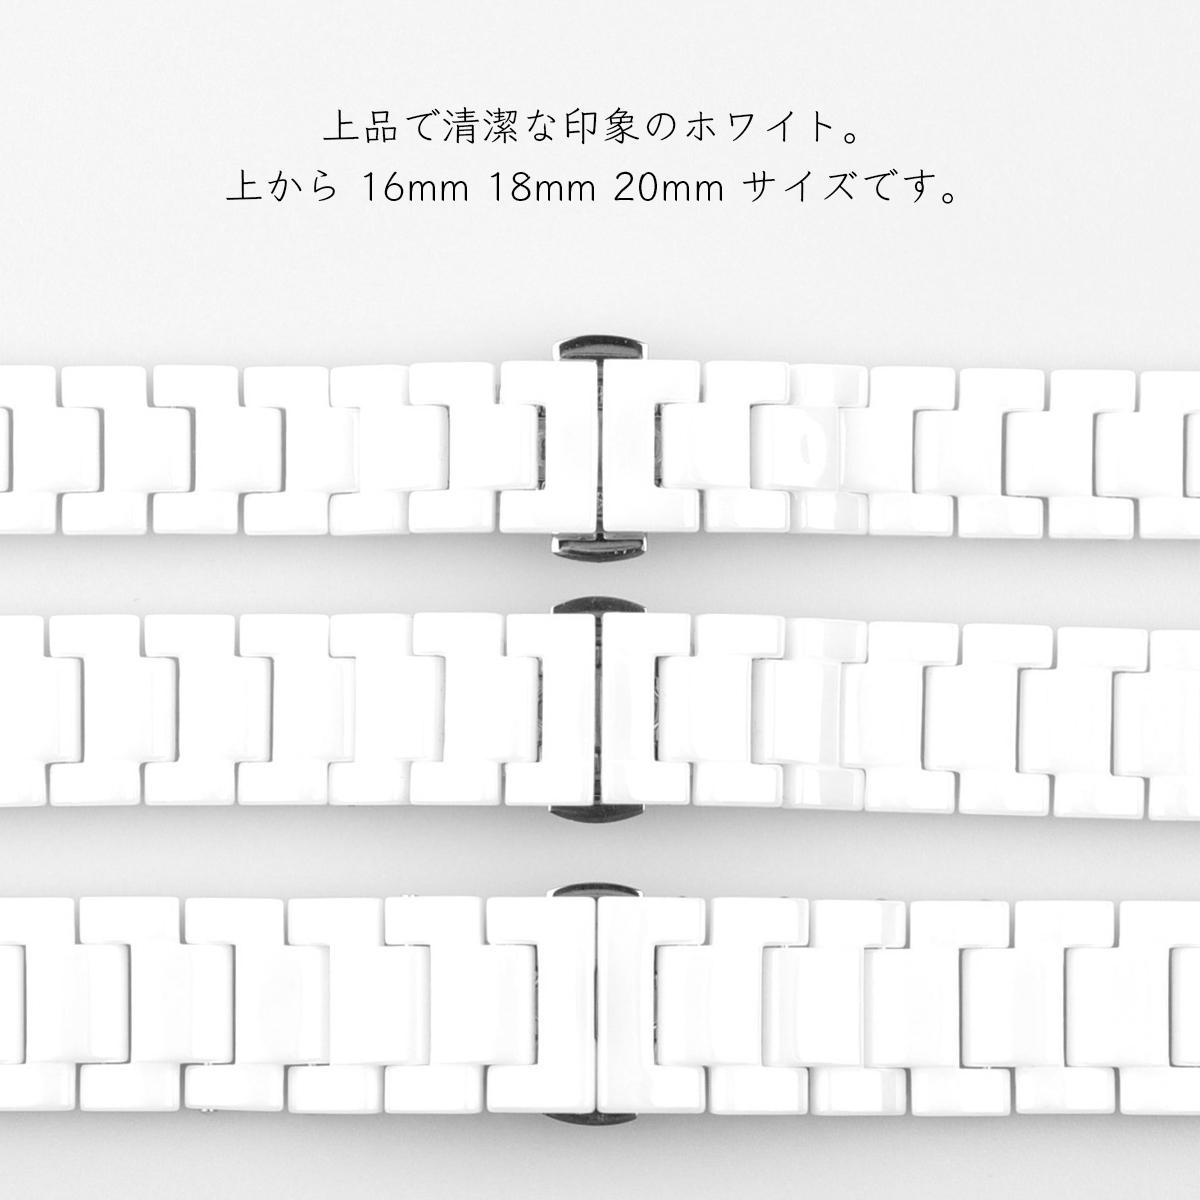 腕時計ベルト 腕時計バンド 替えストラップ 社外品 汎用セラミックベルト 取付幅16/18/20mm 適用: GUCCI グッチ、Calvin Klein カルバン・クライン、Cartier カルティエ (尾錠)Dバックル付き [ Eight - ECMB003 ]